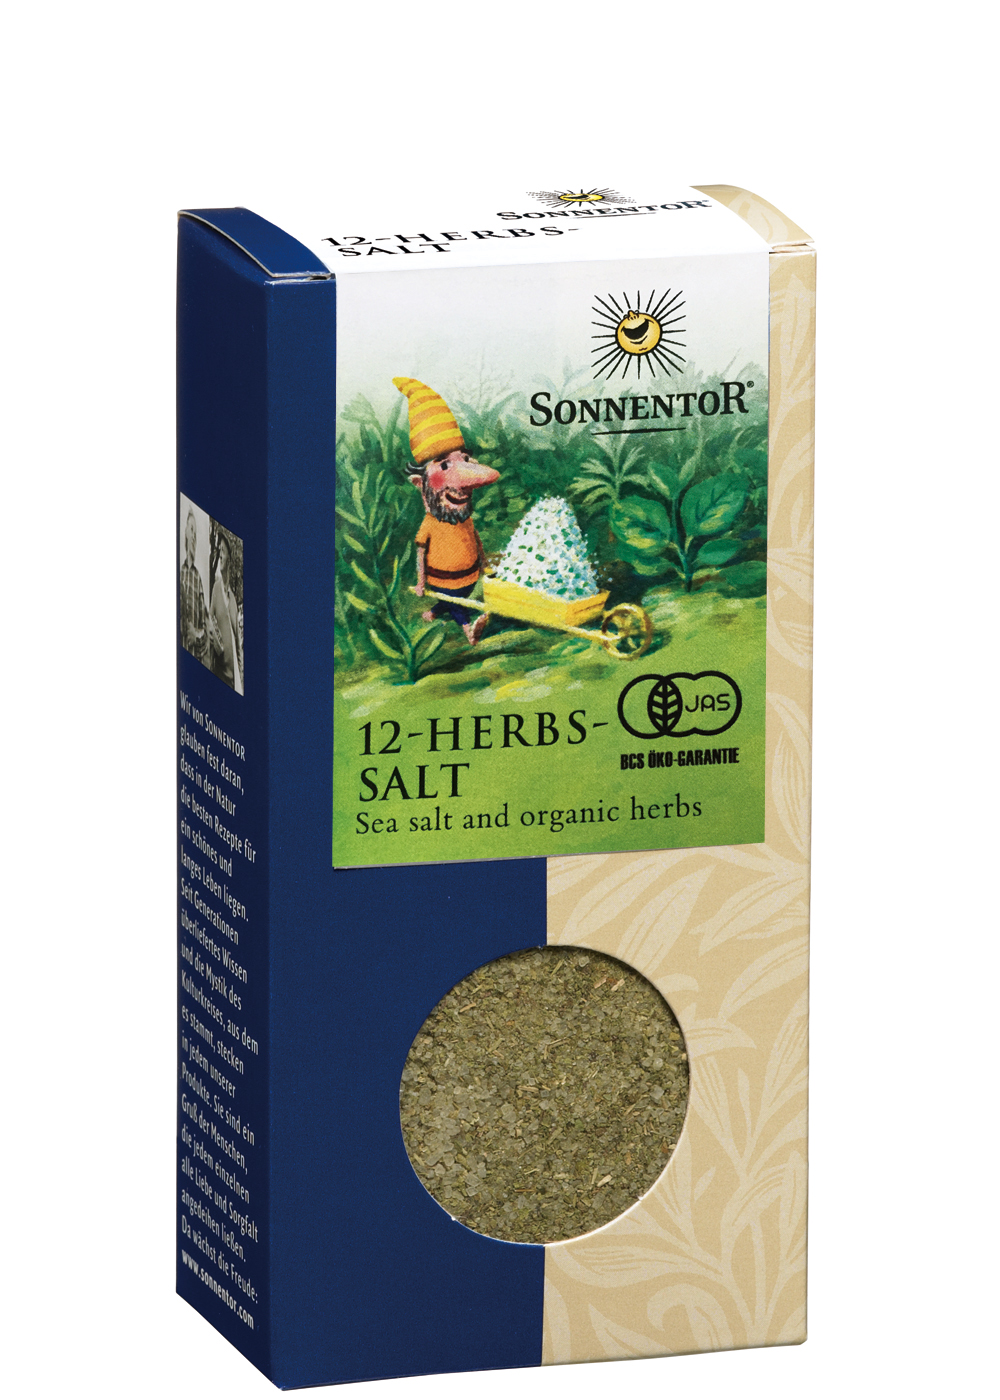 gooランキング「おいしい塩の人気おすすめランキング16選」に12種のハーブソルトが紹介されました。